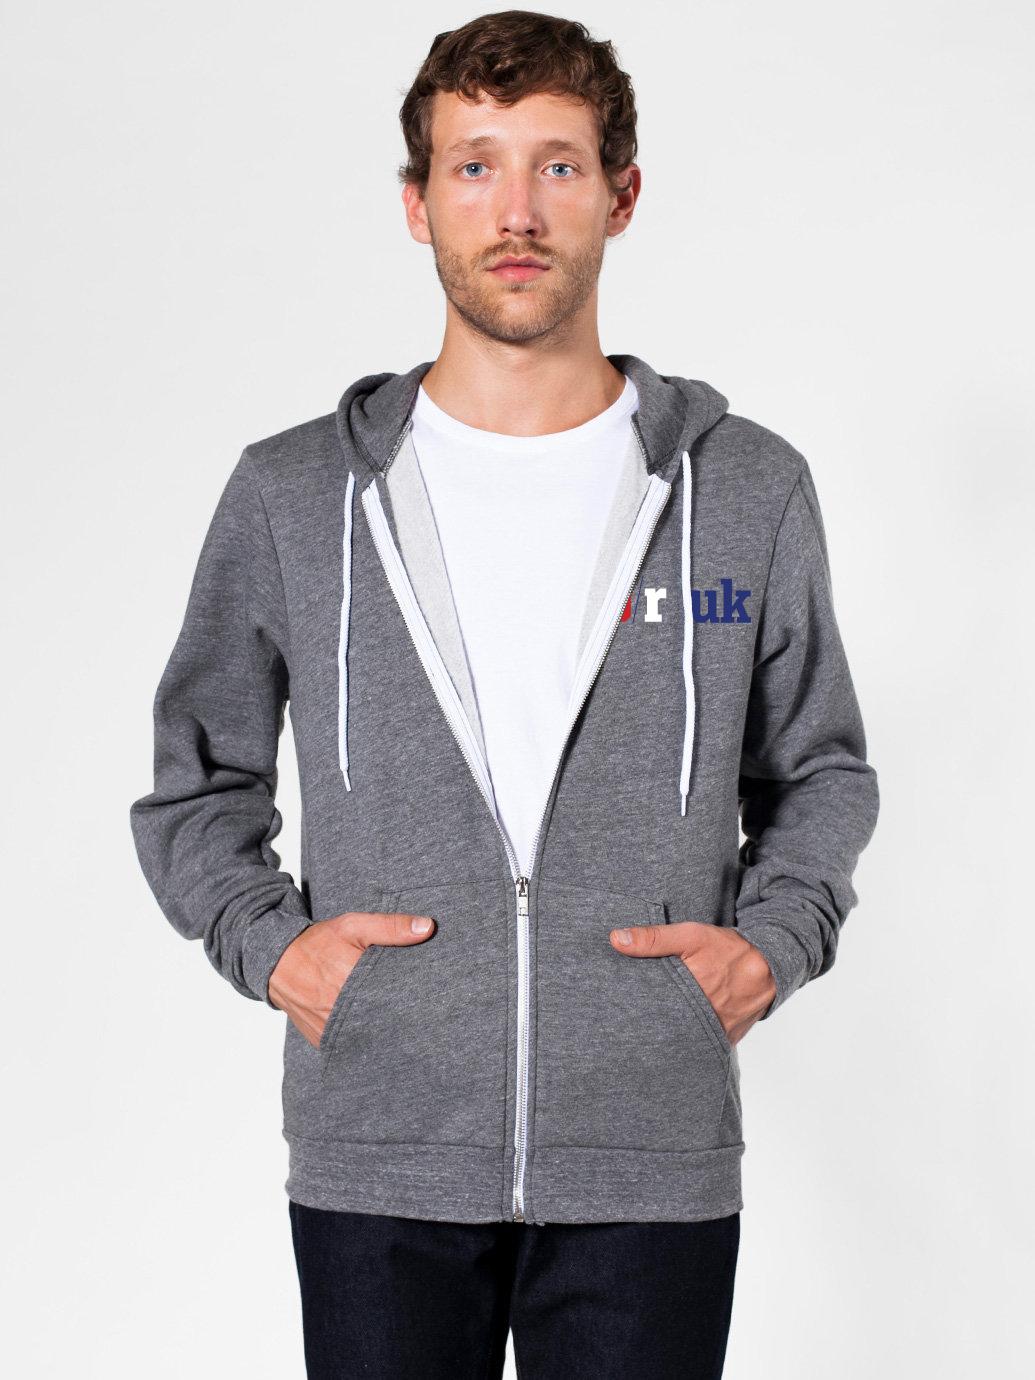 BRUK-hoodie-zinc.jpg